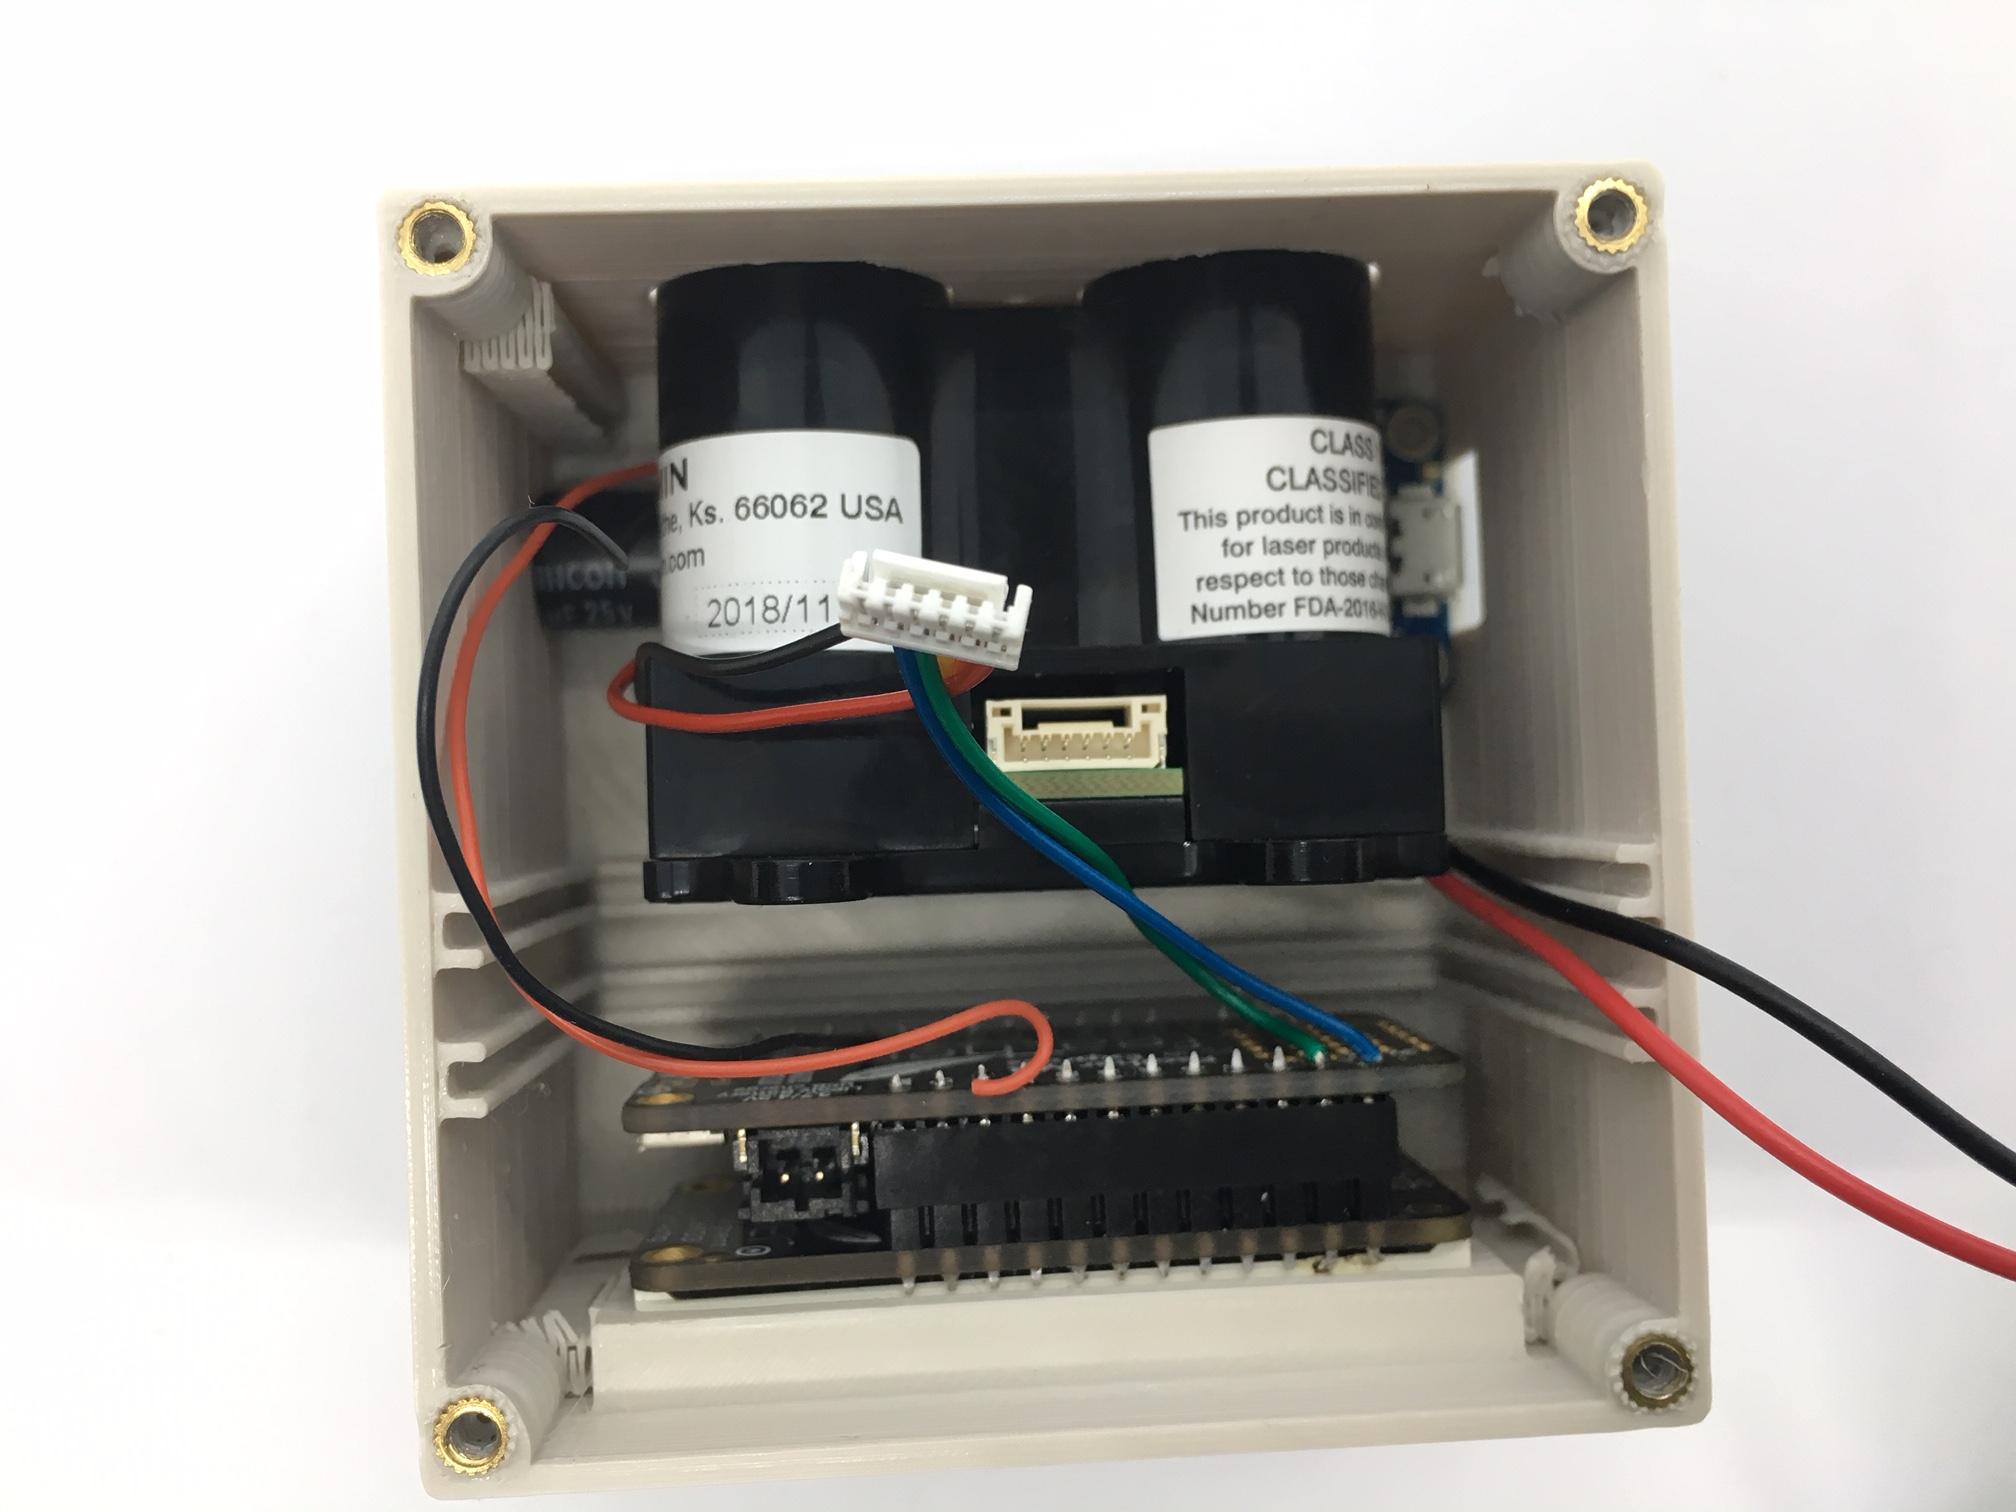 sensors_IMG_3195.jpg